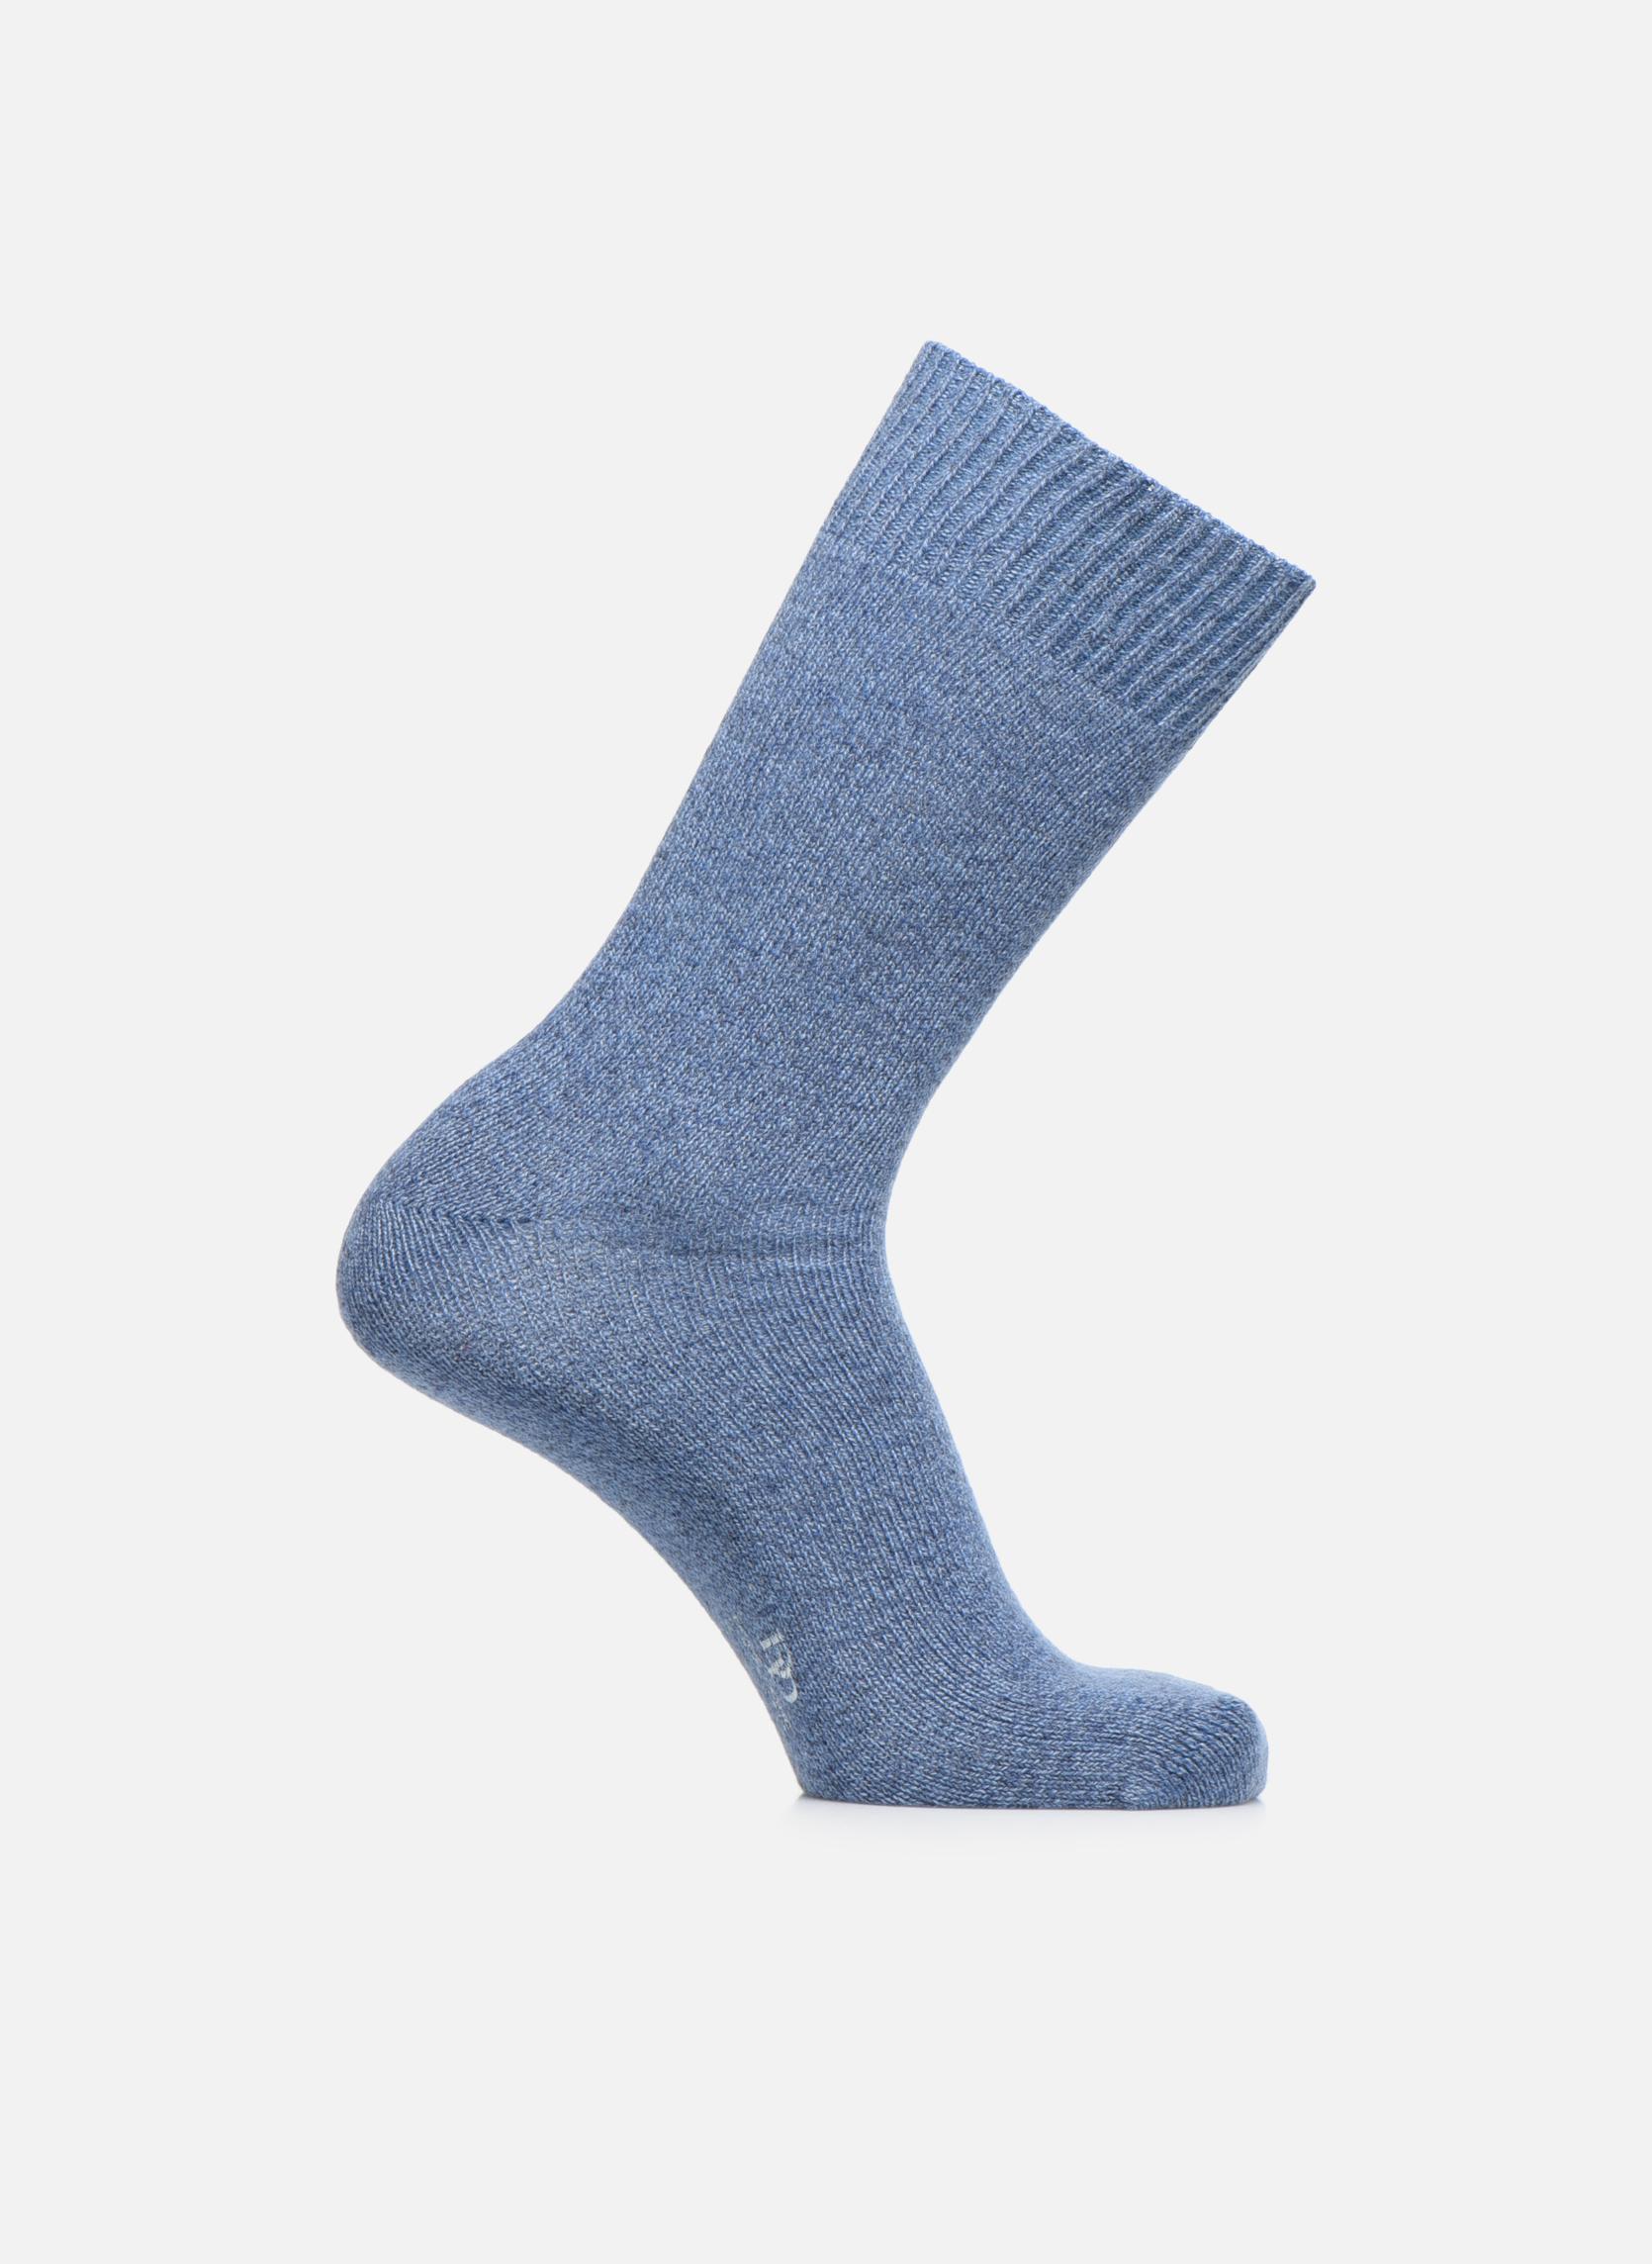 Chaussettes DOUCEUR 419 - bleu clair